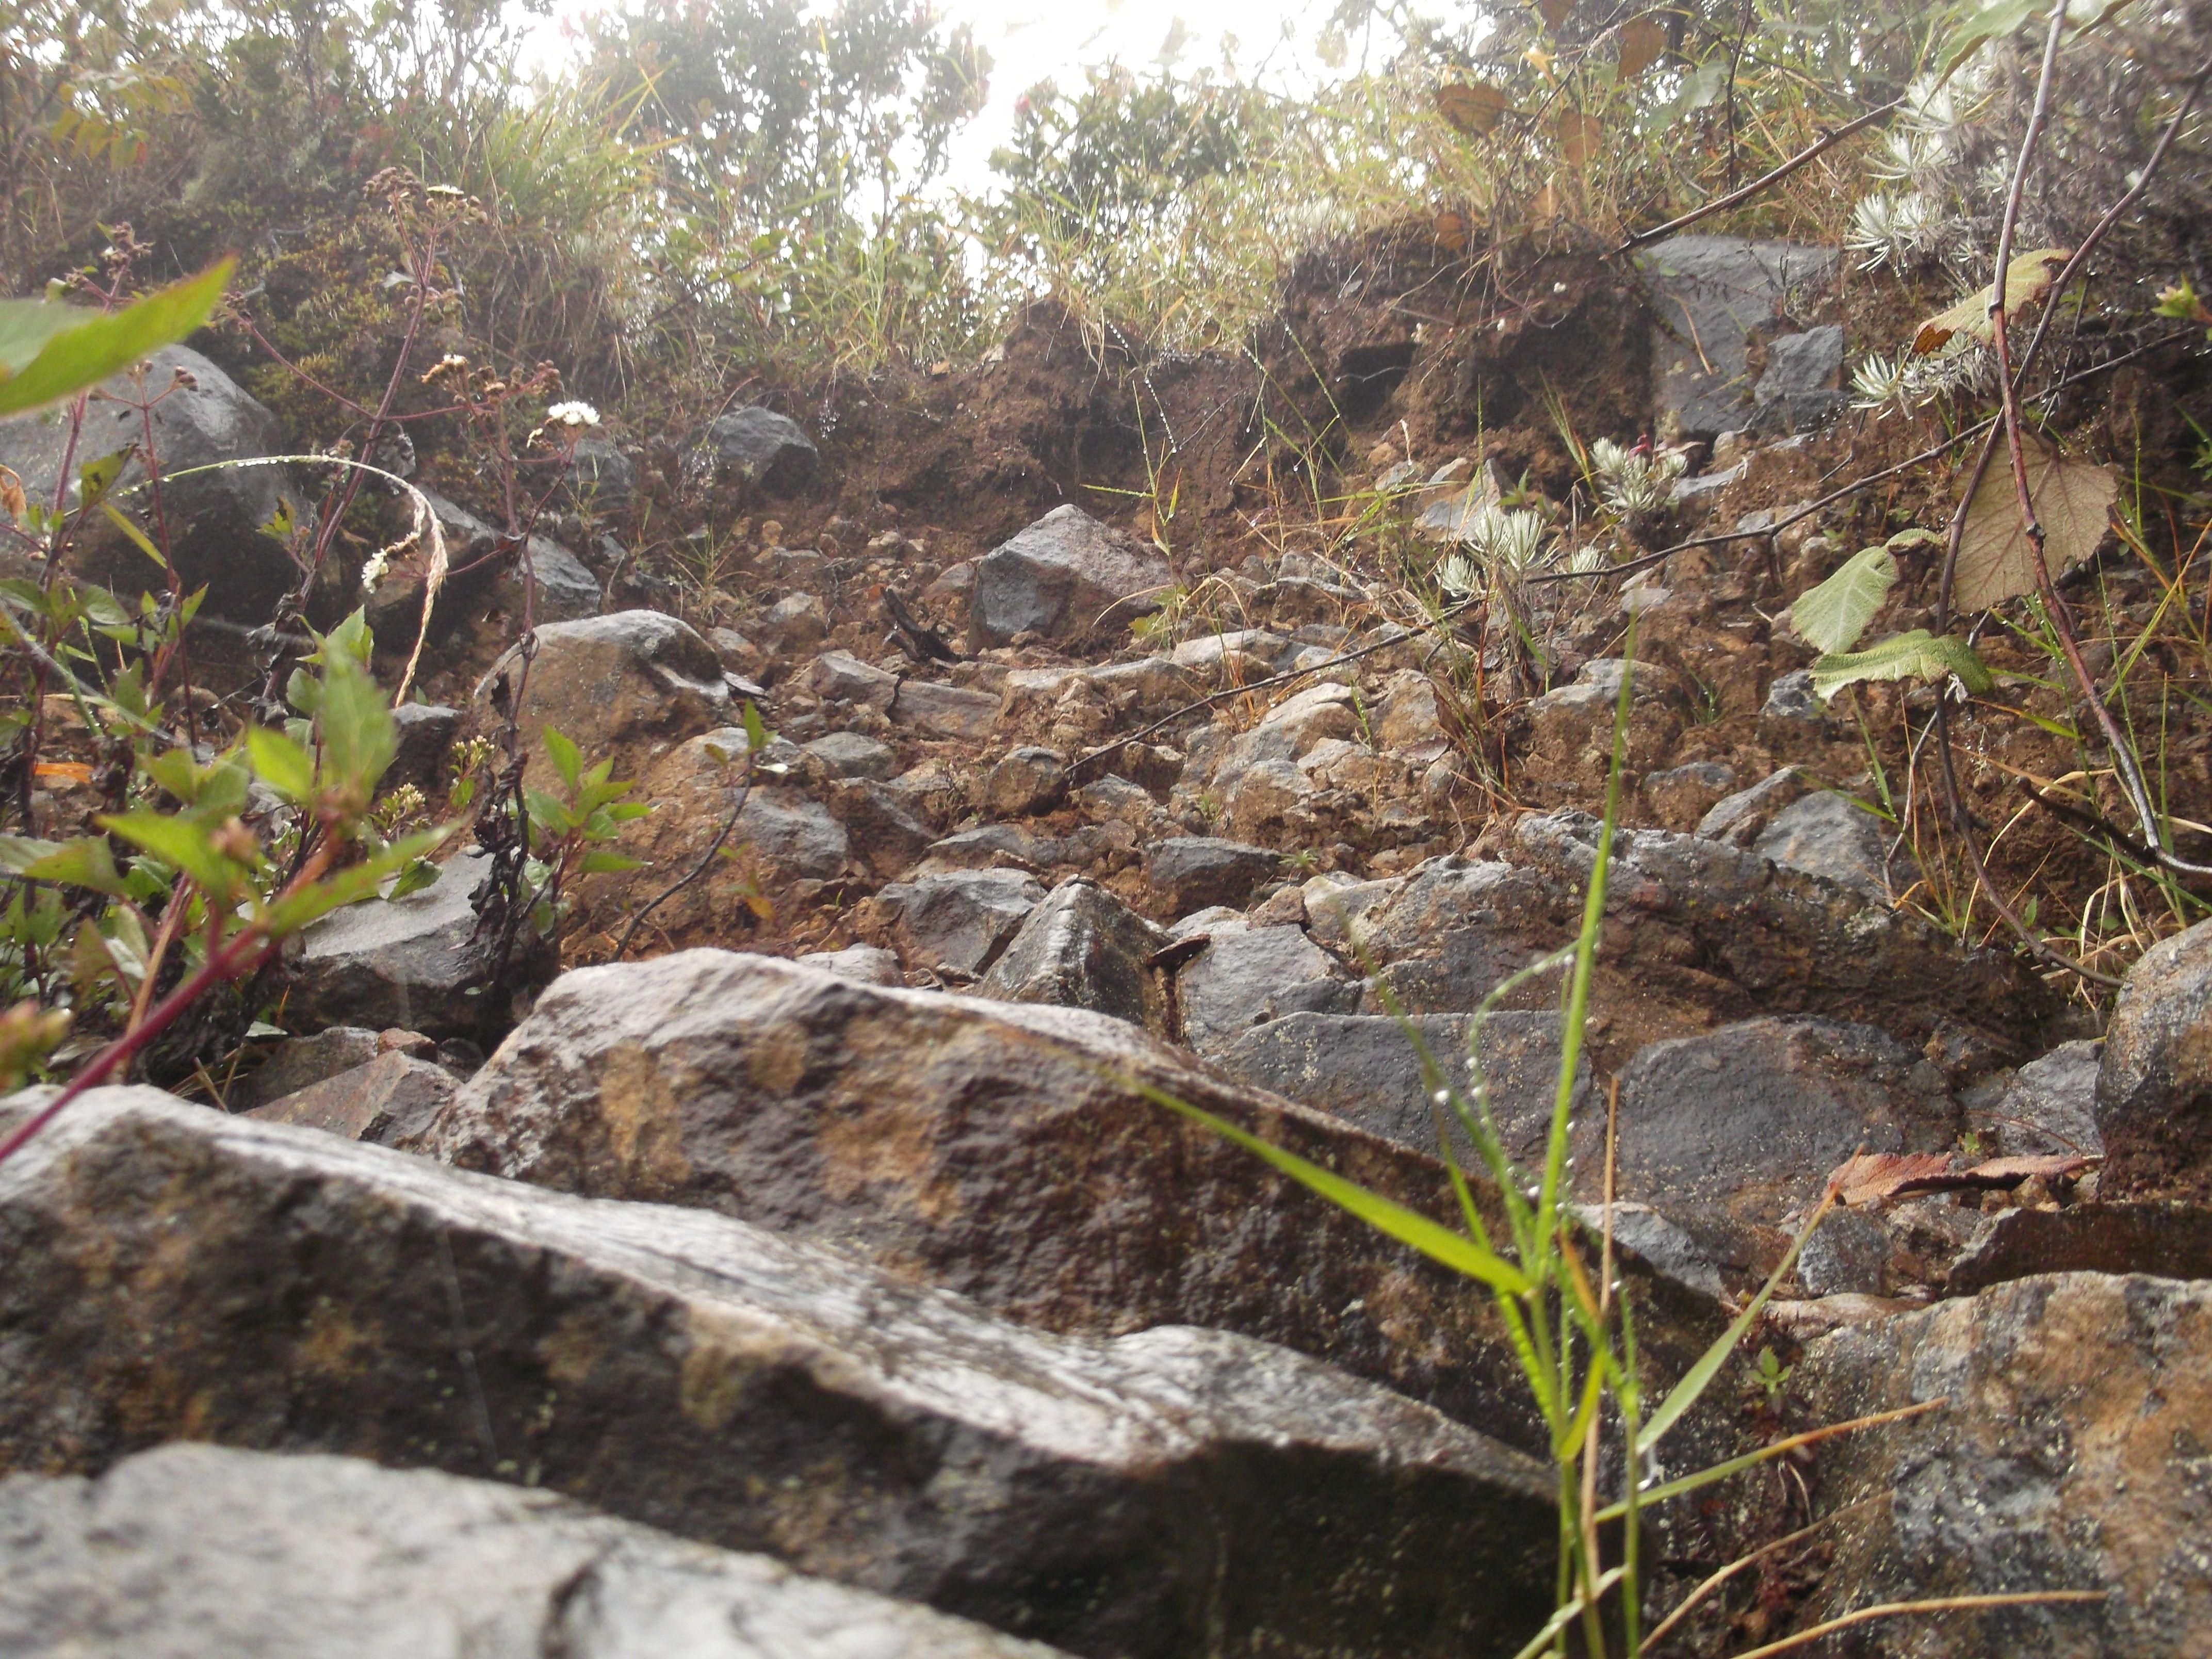 batu-batu, tanah basah, untaian nada